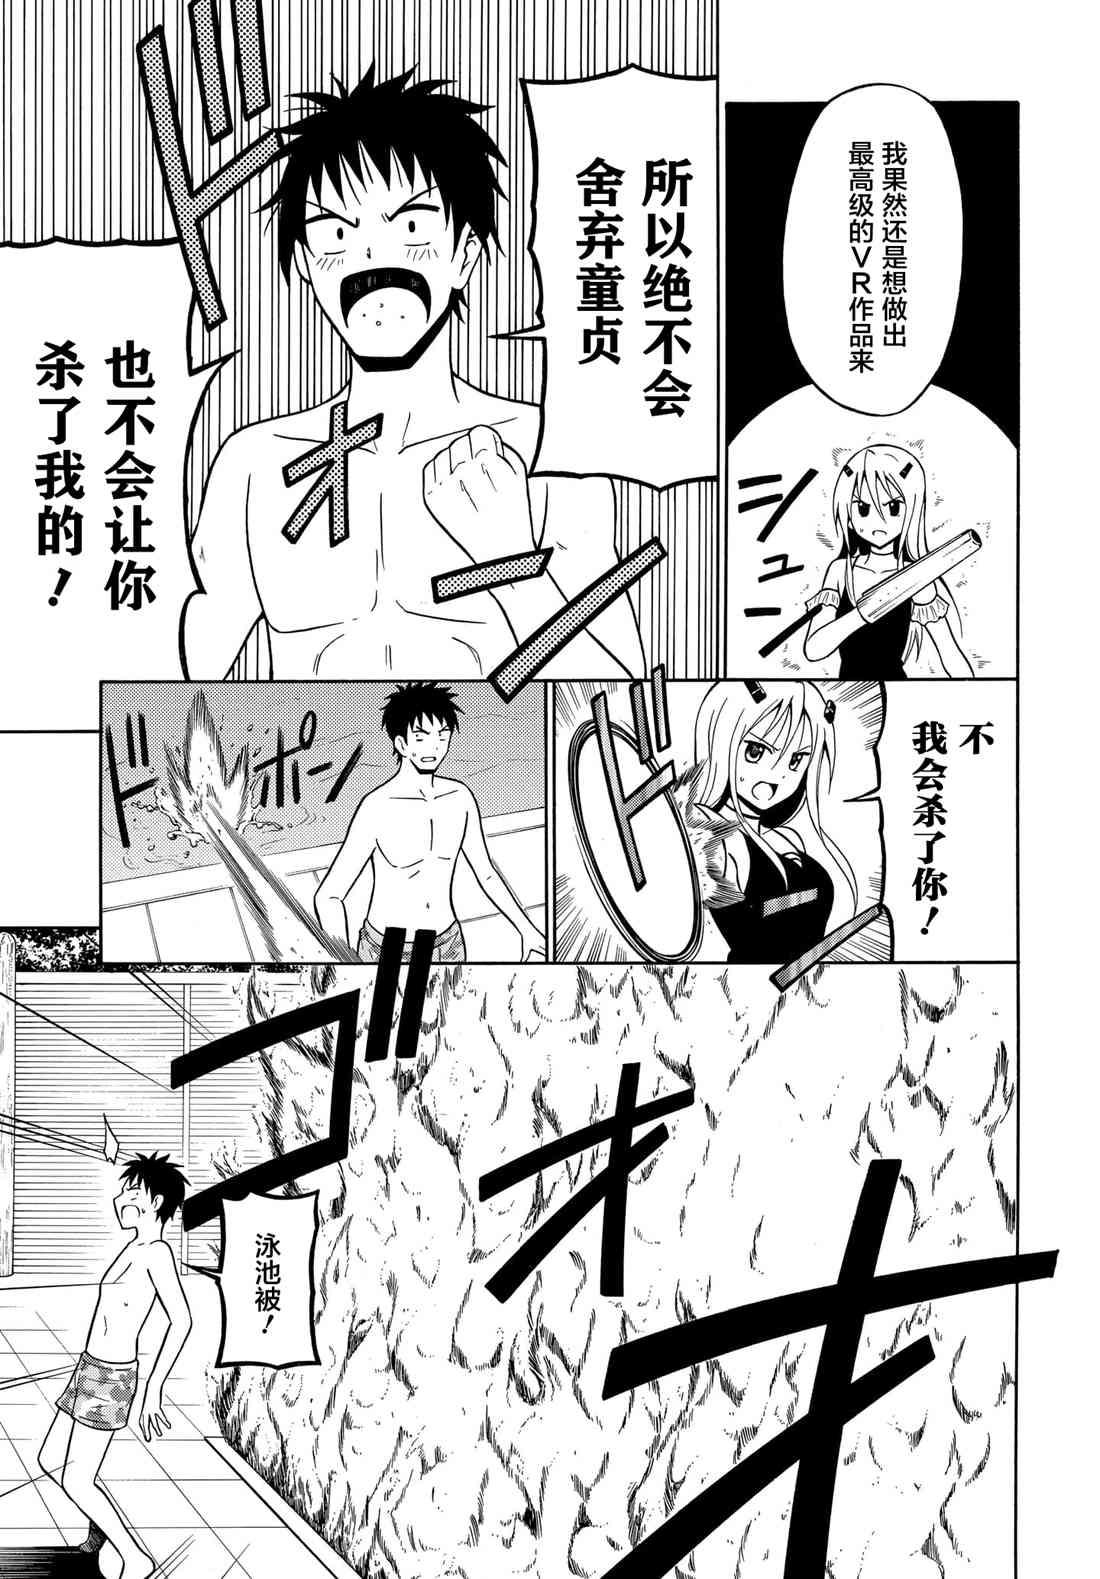 童貞與終結者女友: 08话 - 第13页